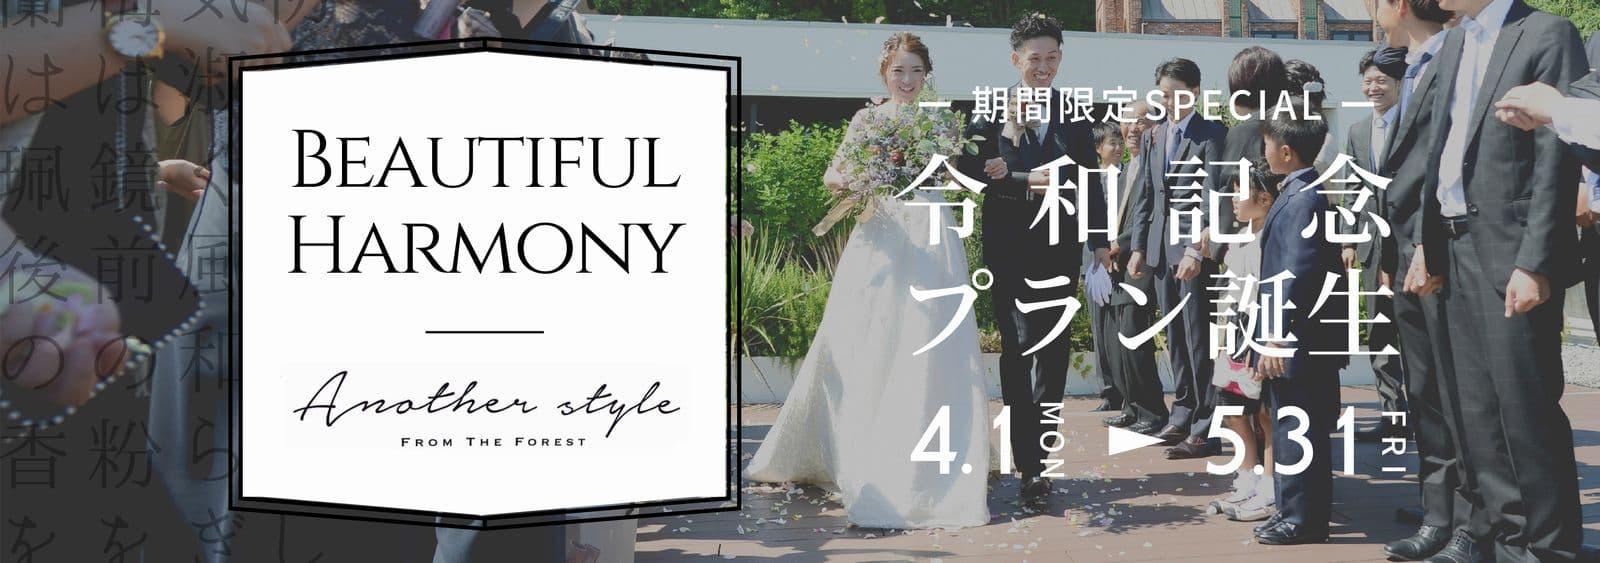 高松市の結婚式場アナザースタイルの令和記念ウエディングプラン